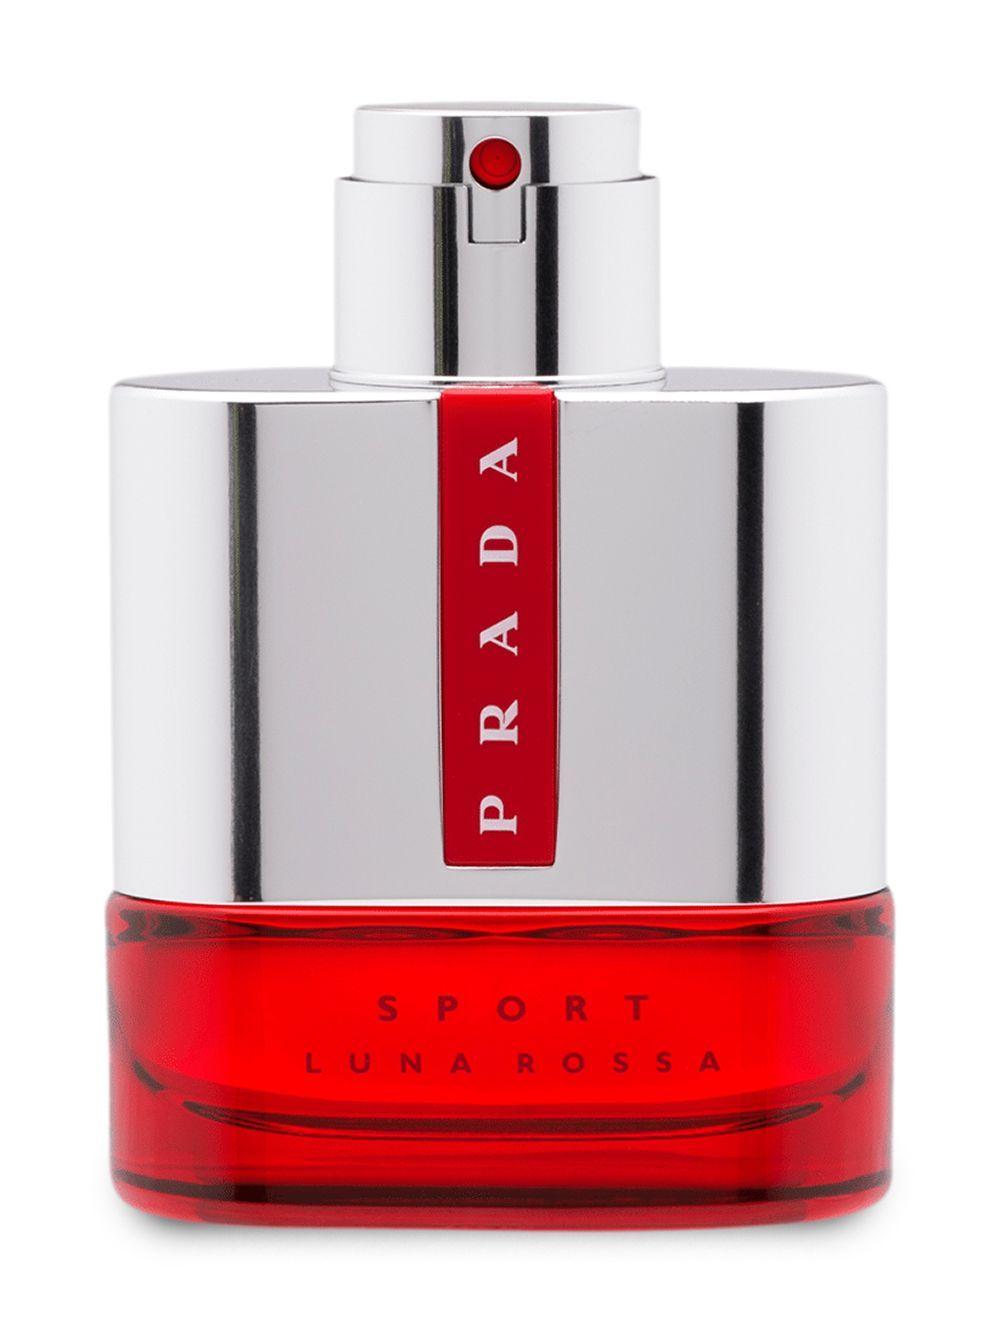 Prada Luna Rossa Sport 50ml fragrance F0z99 Cosmetics